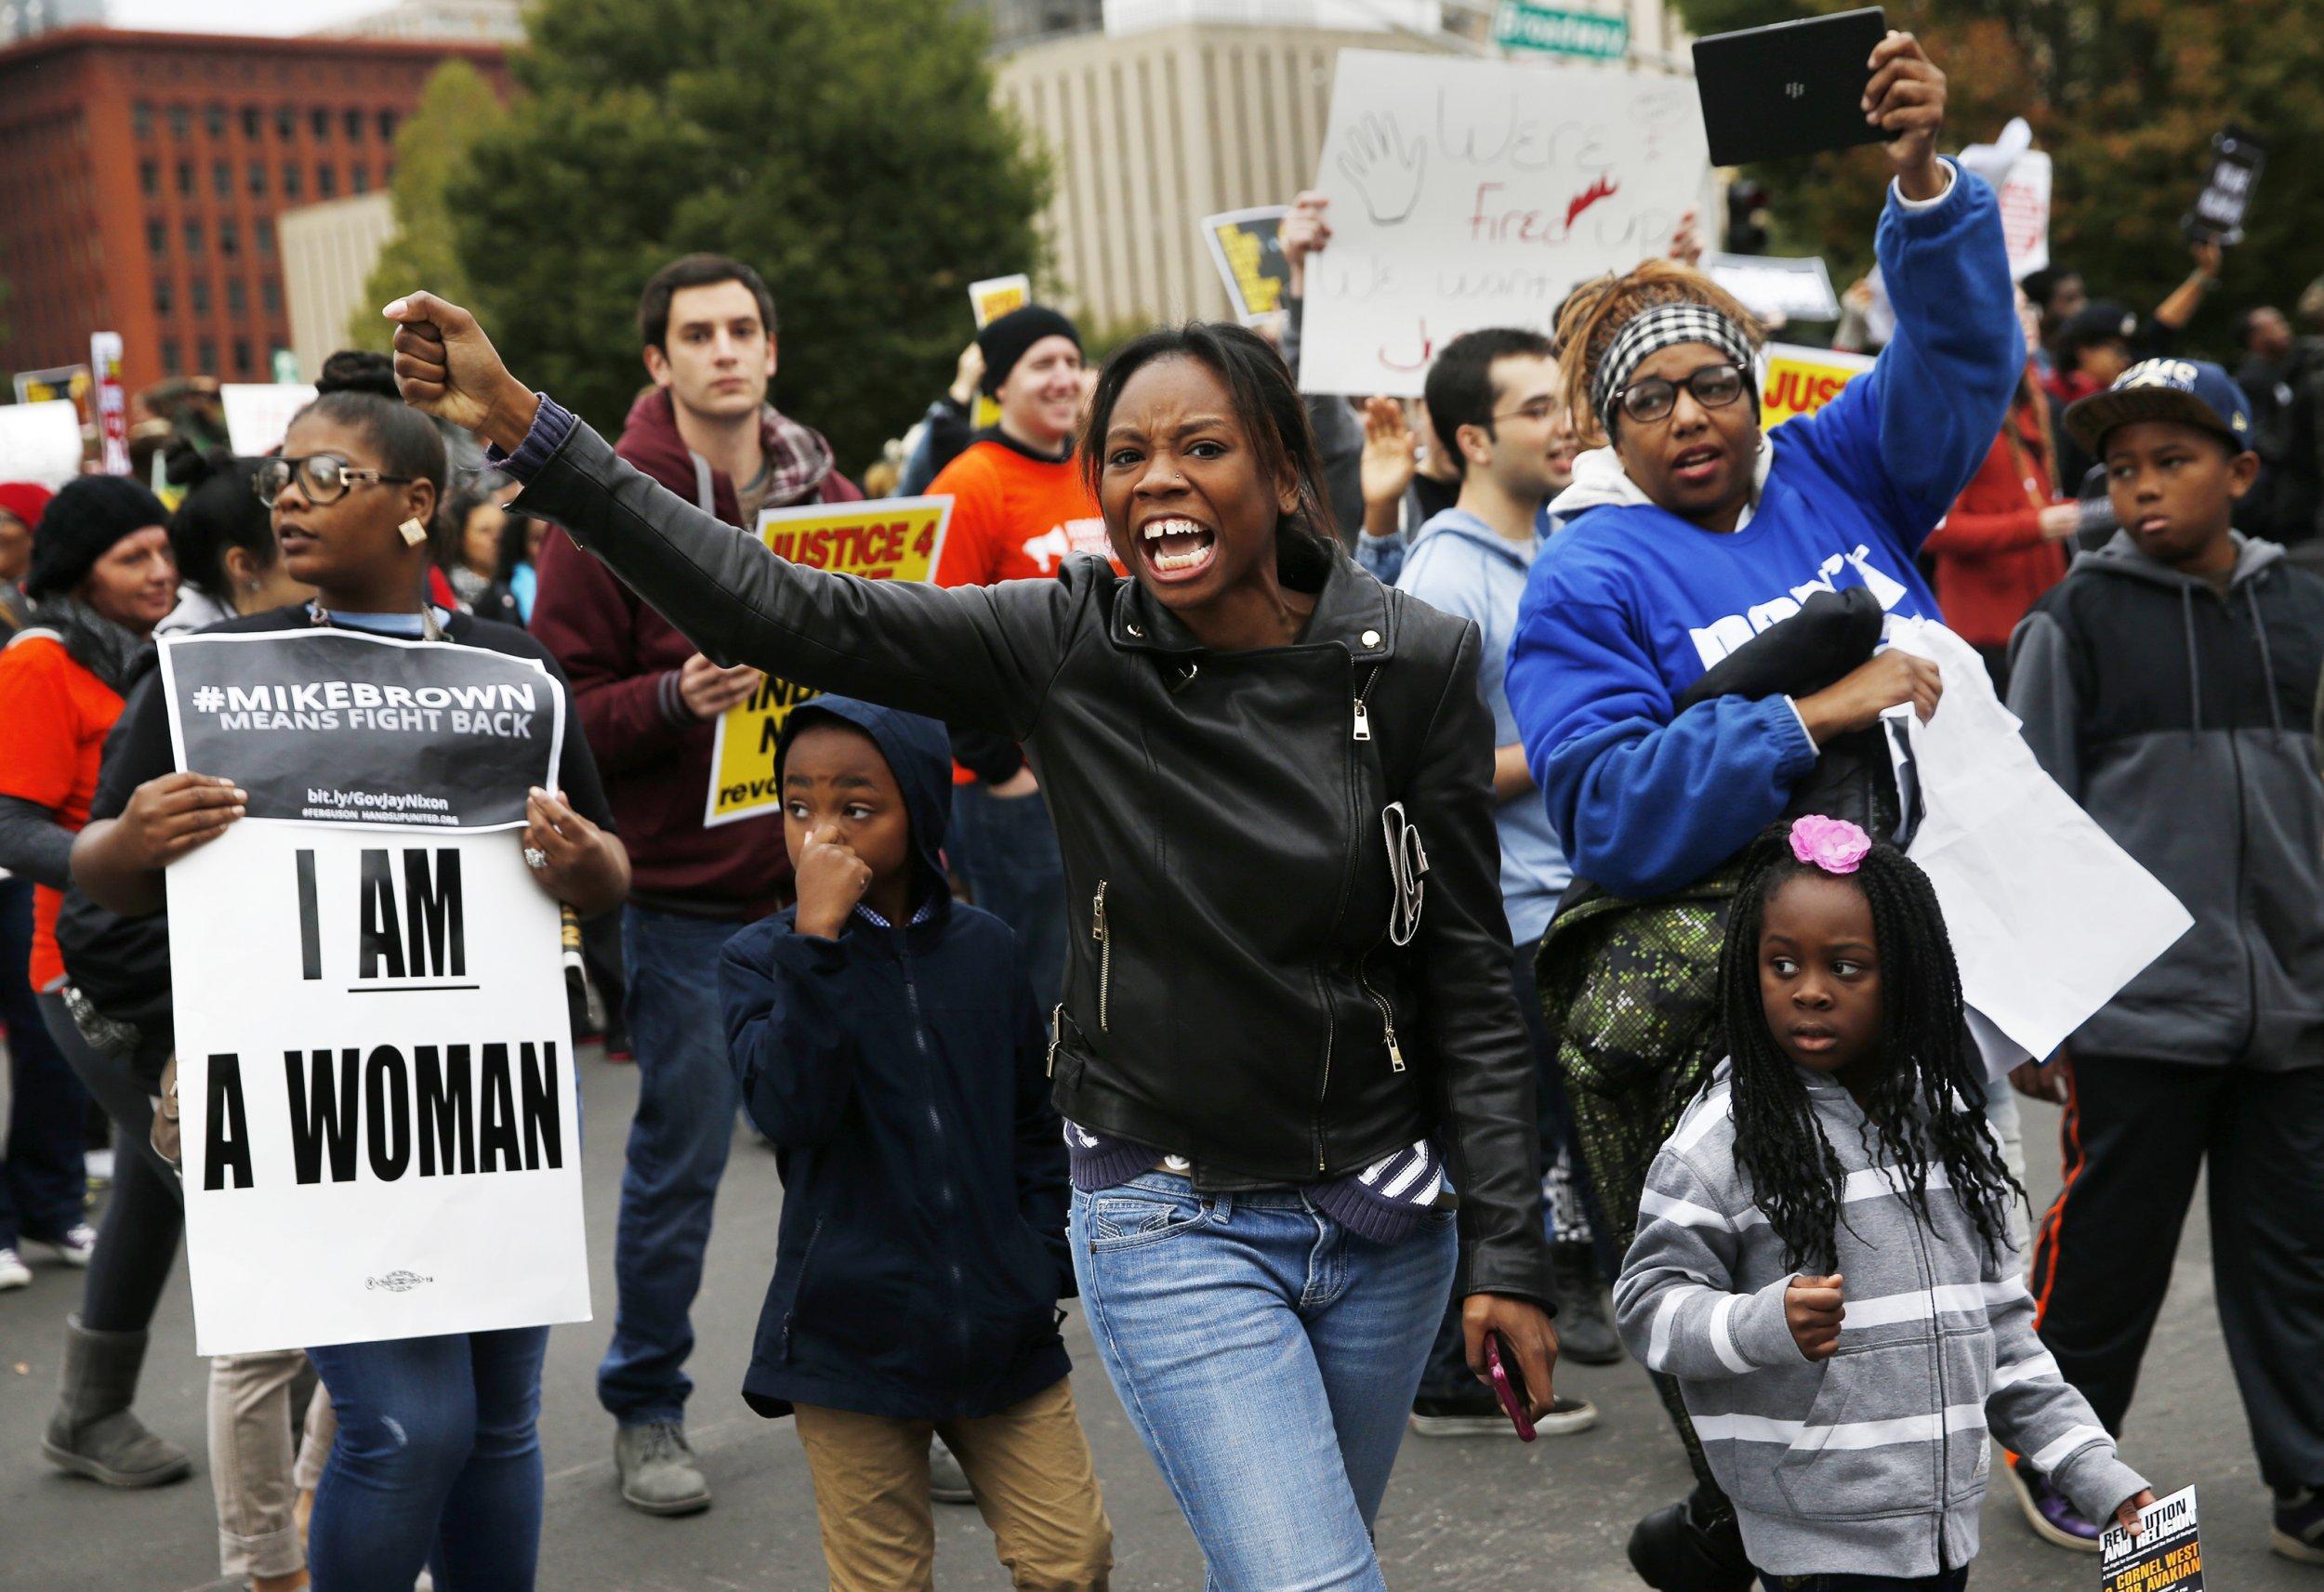 protest stl